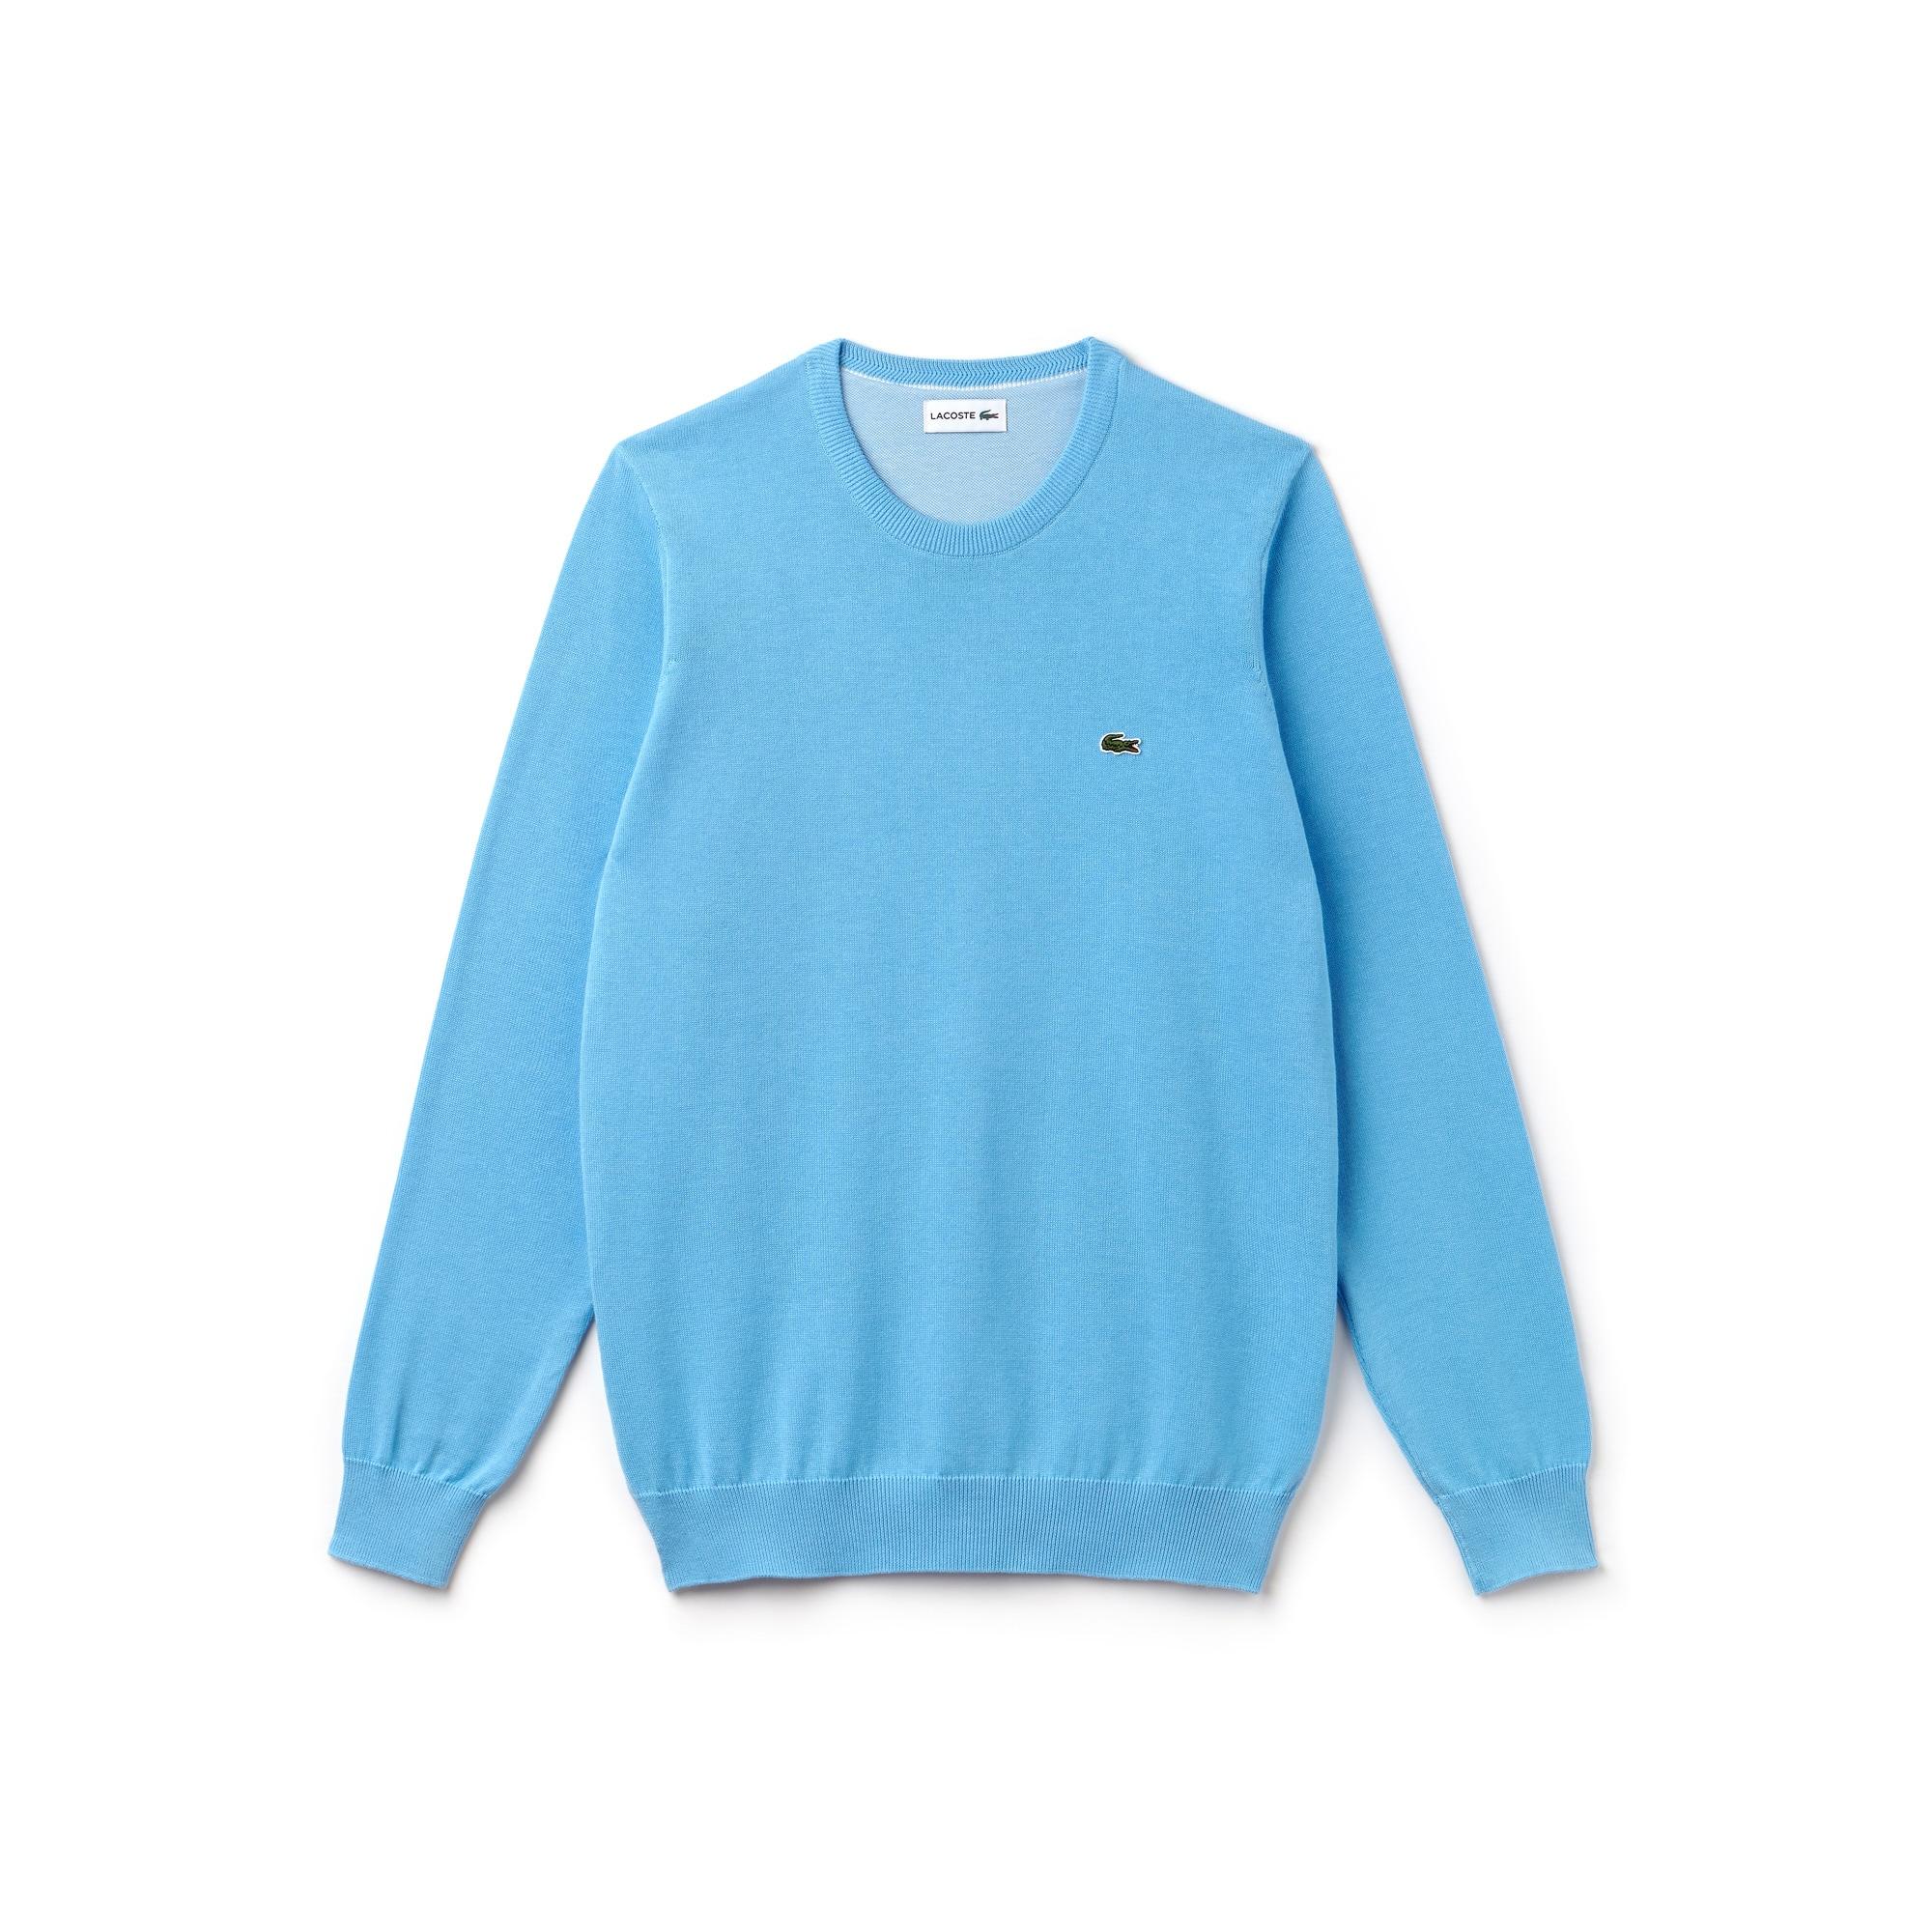 Camisola decote redondo em jersey de algodão unicolor e detalhe de piqué caviar